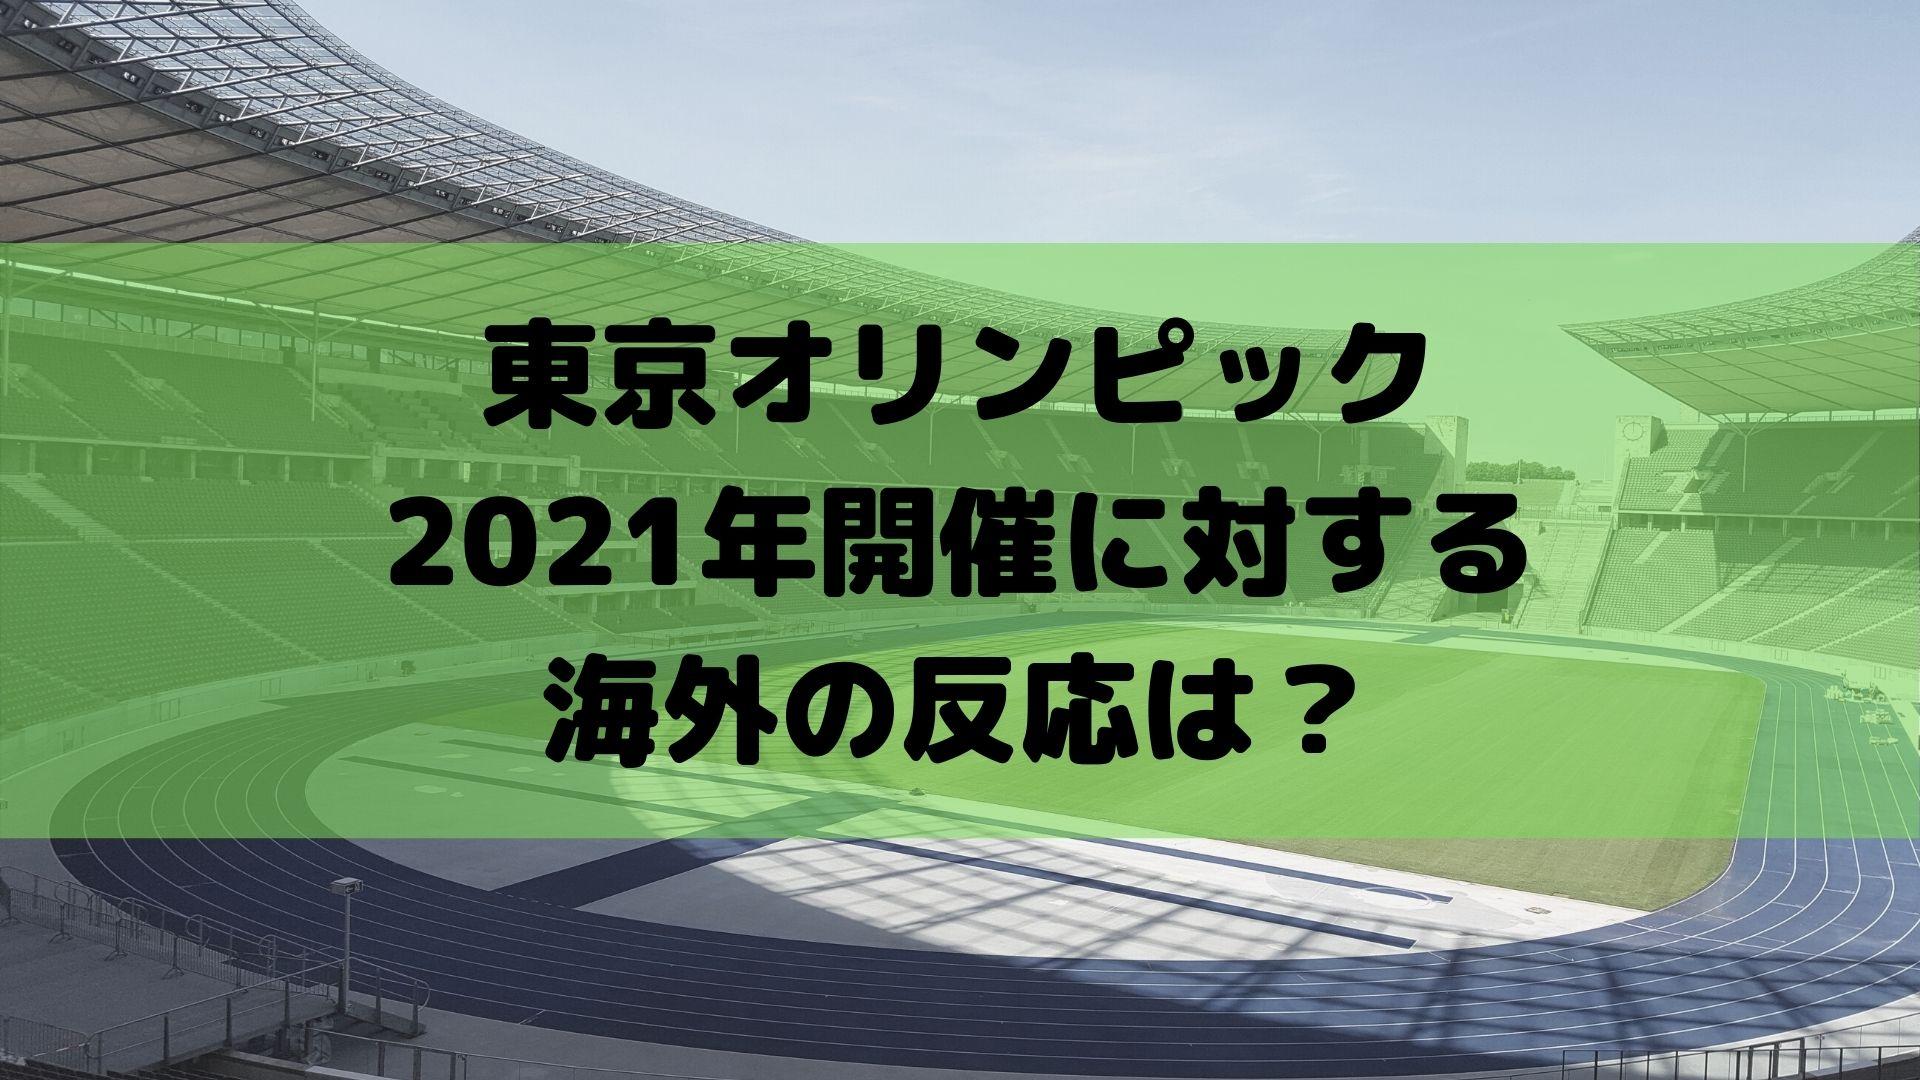 東京オリンピックの海外の反応2021。延期前は批判もすごかった!